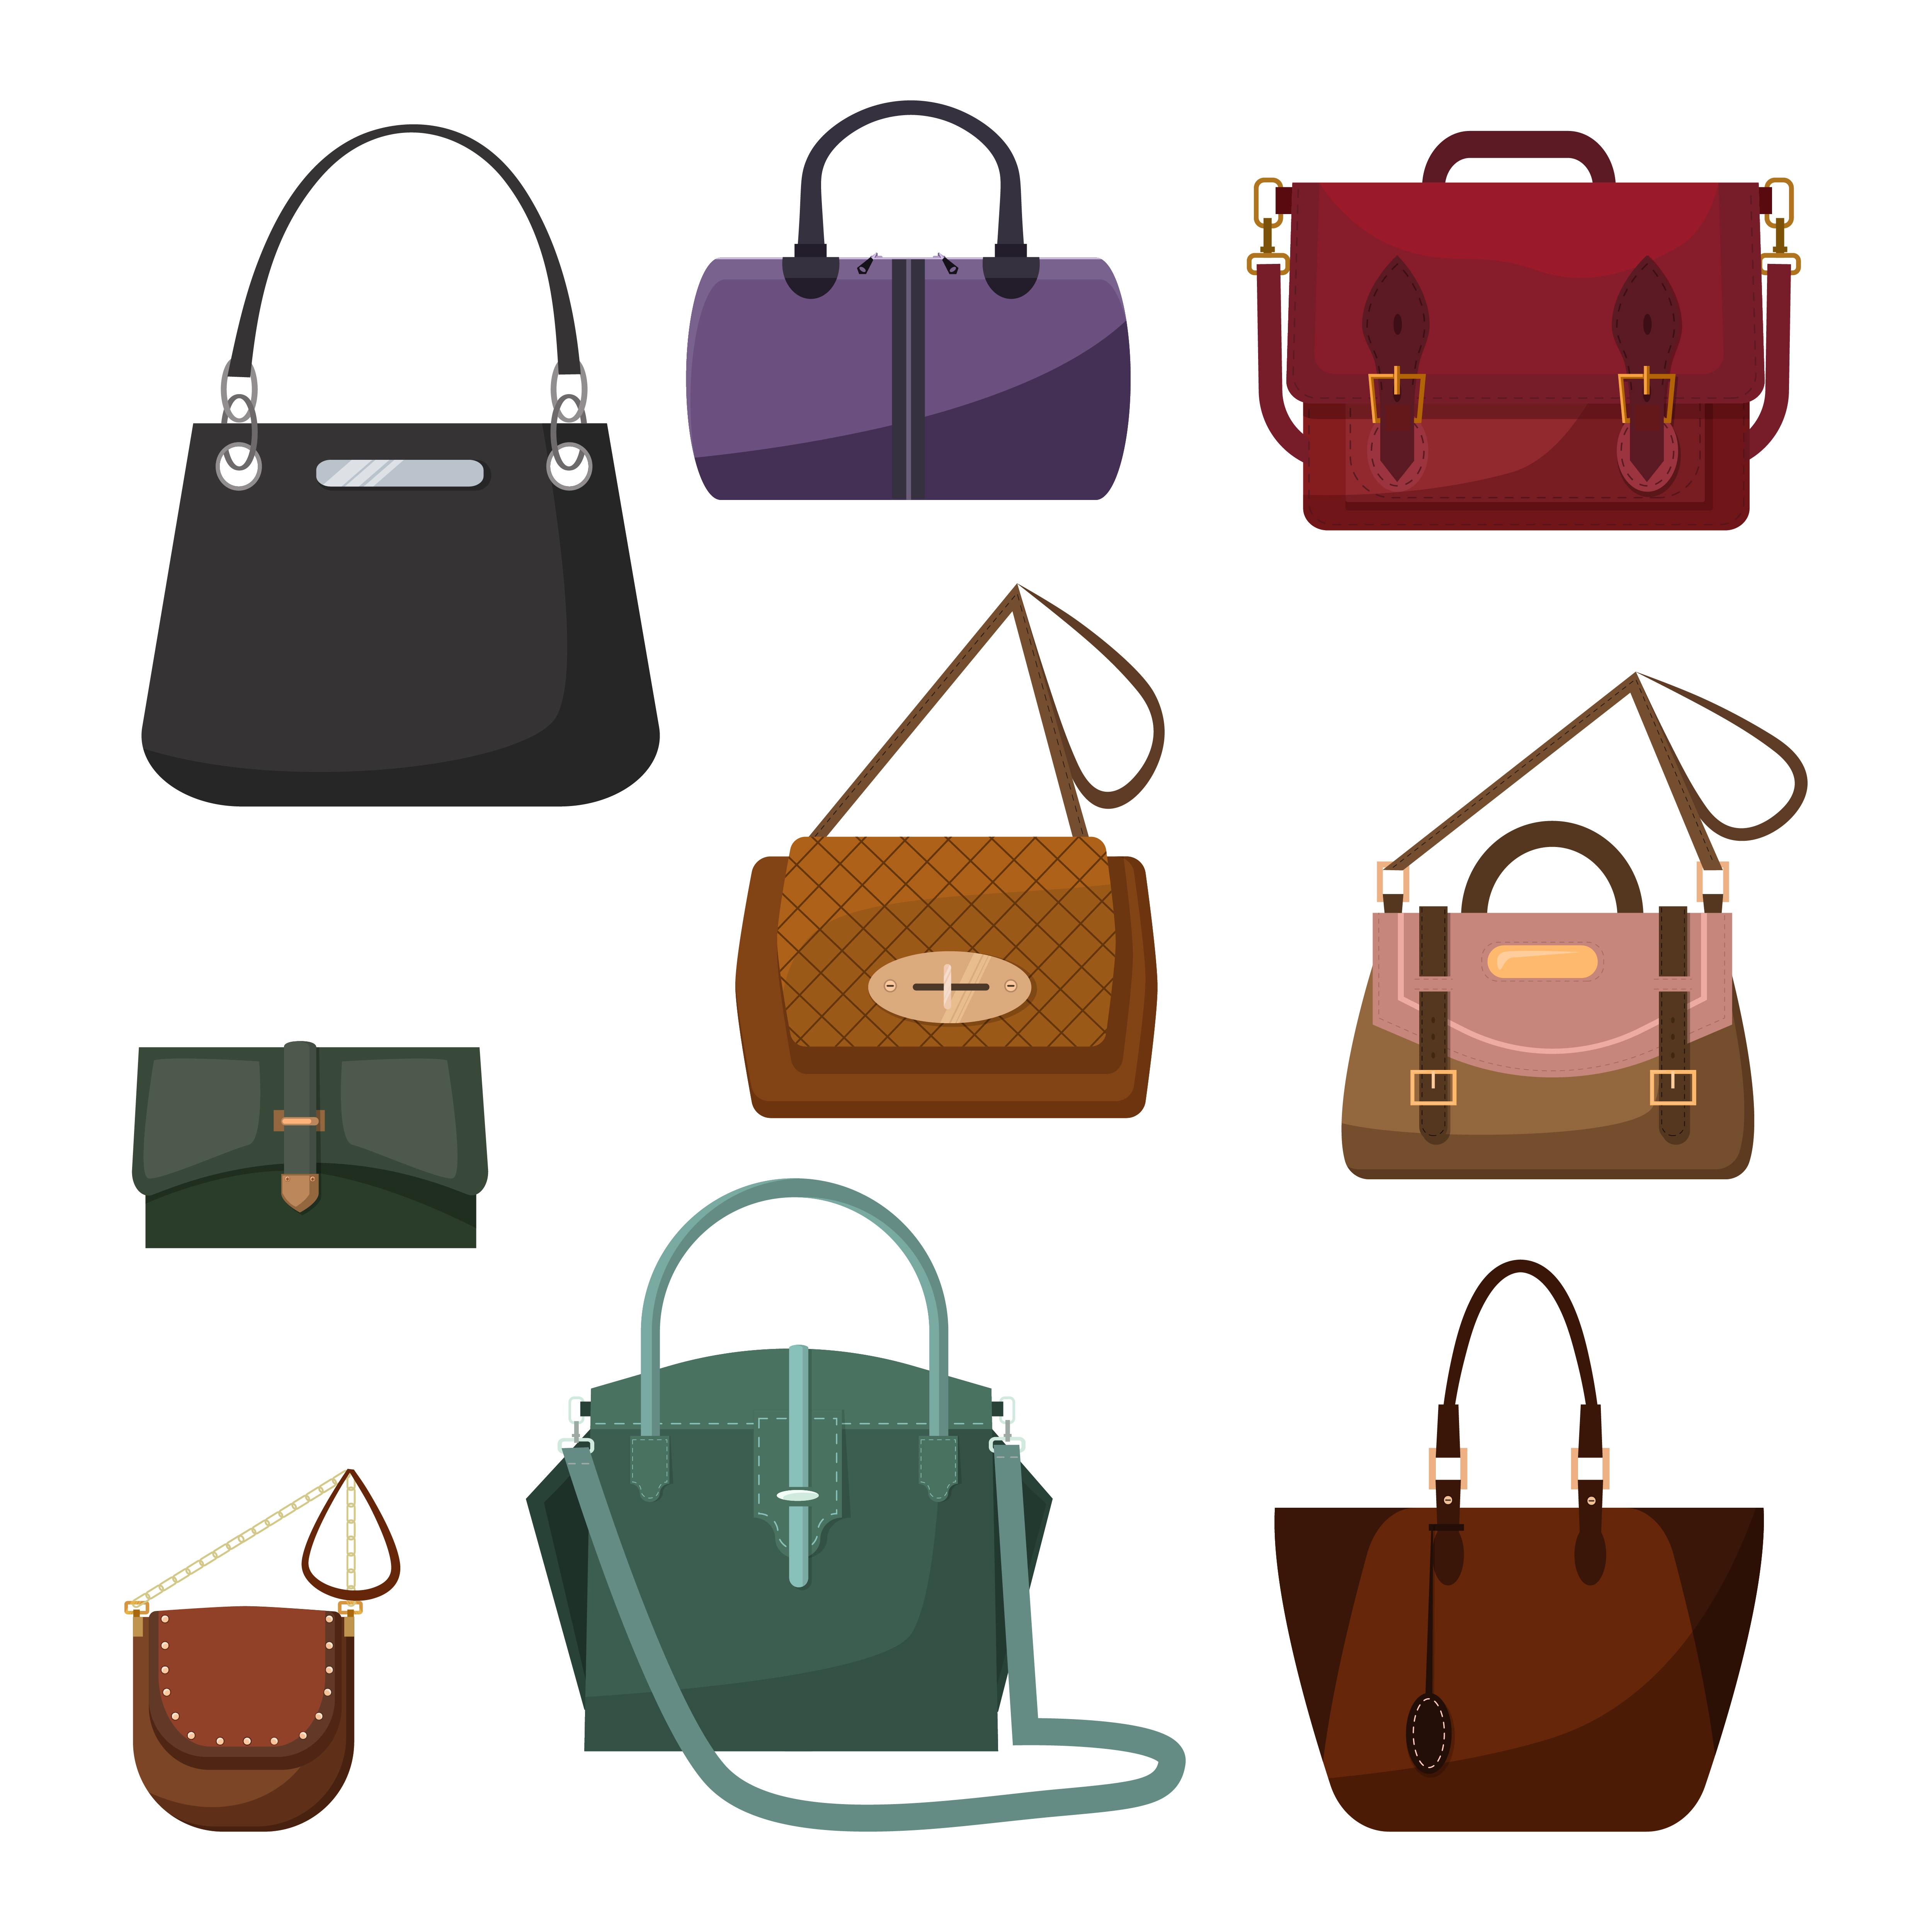 Jak wybrać torebkę w zależności od okazji?